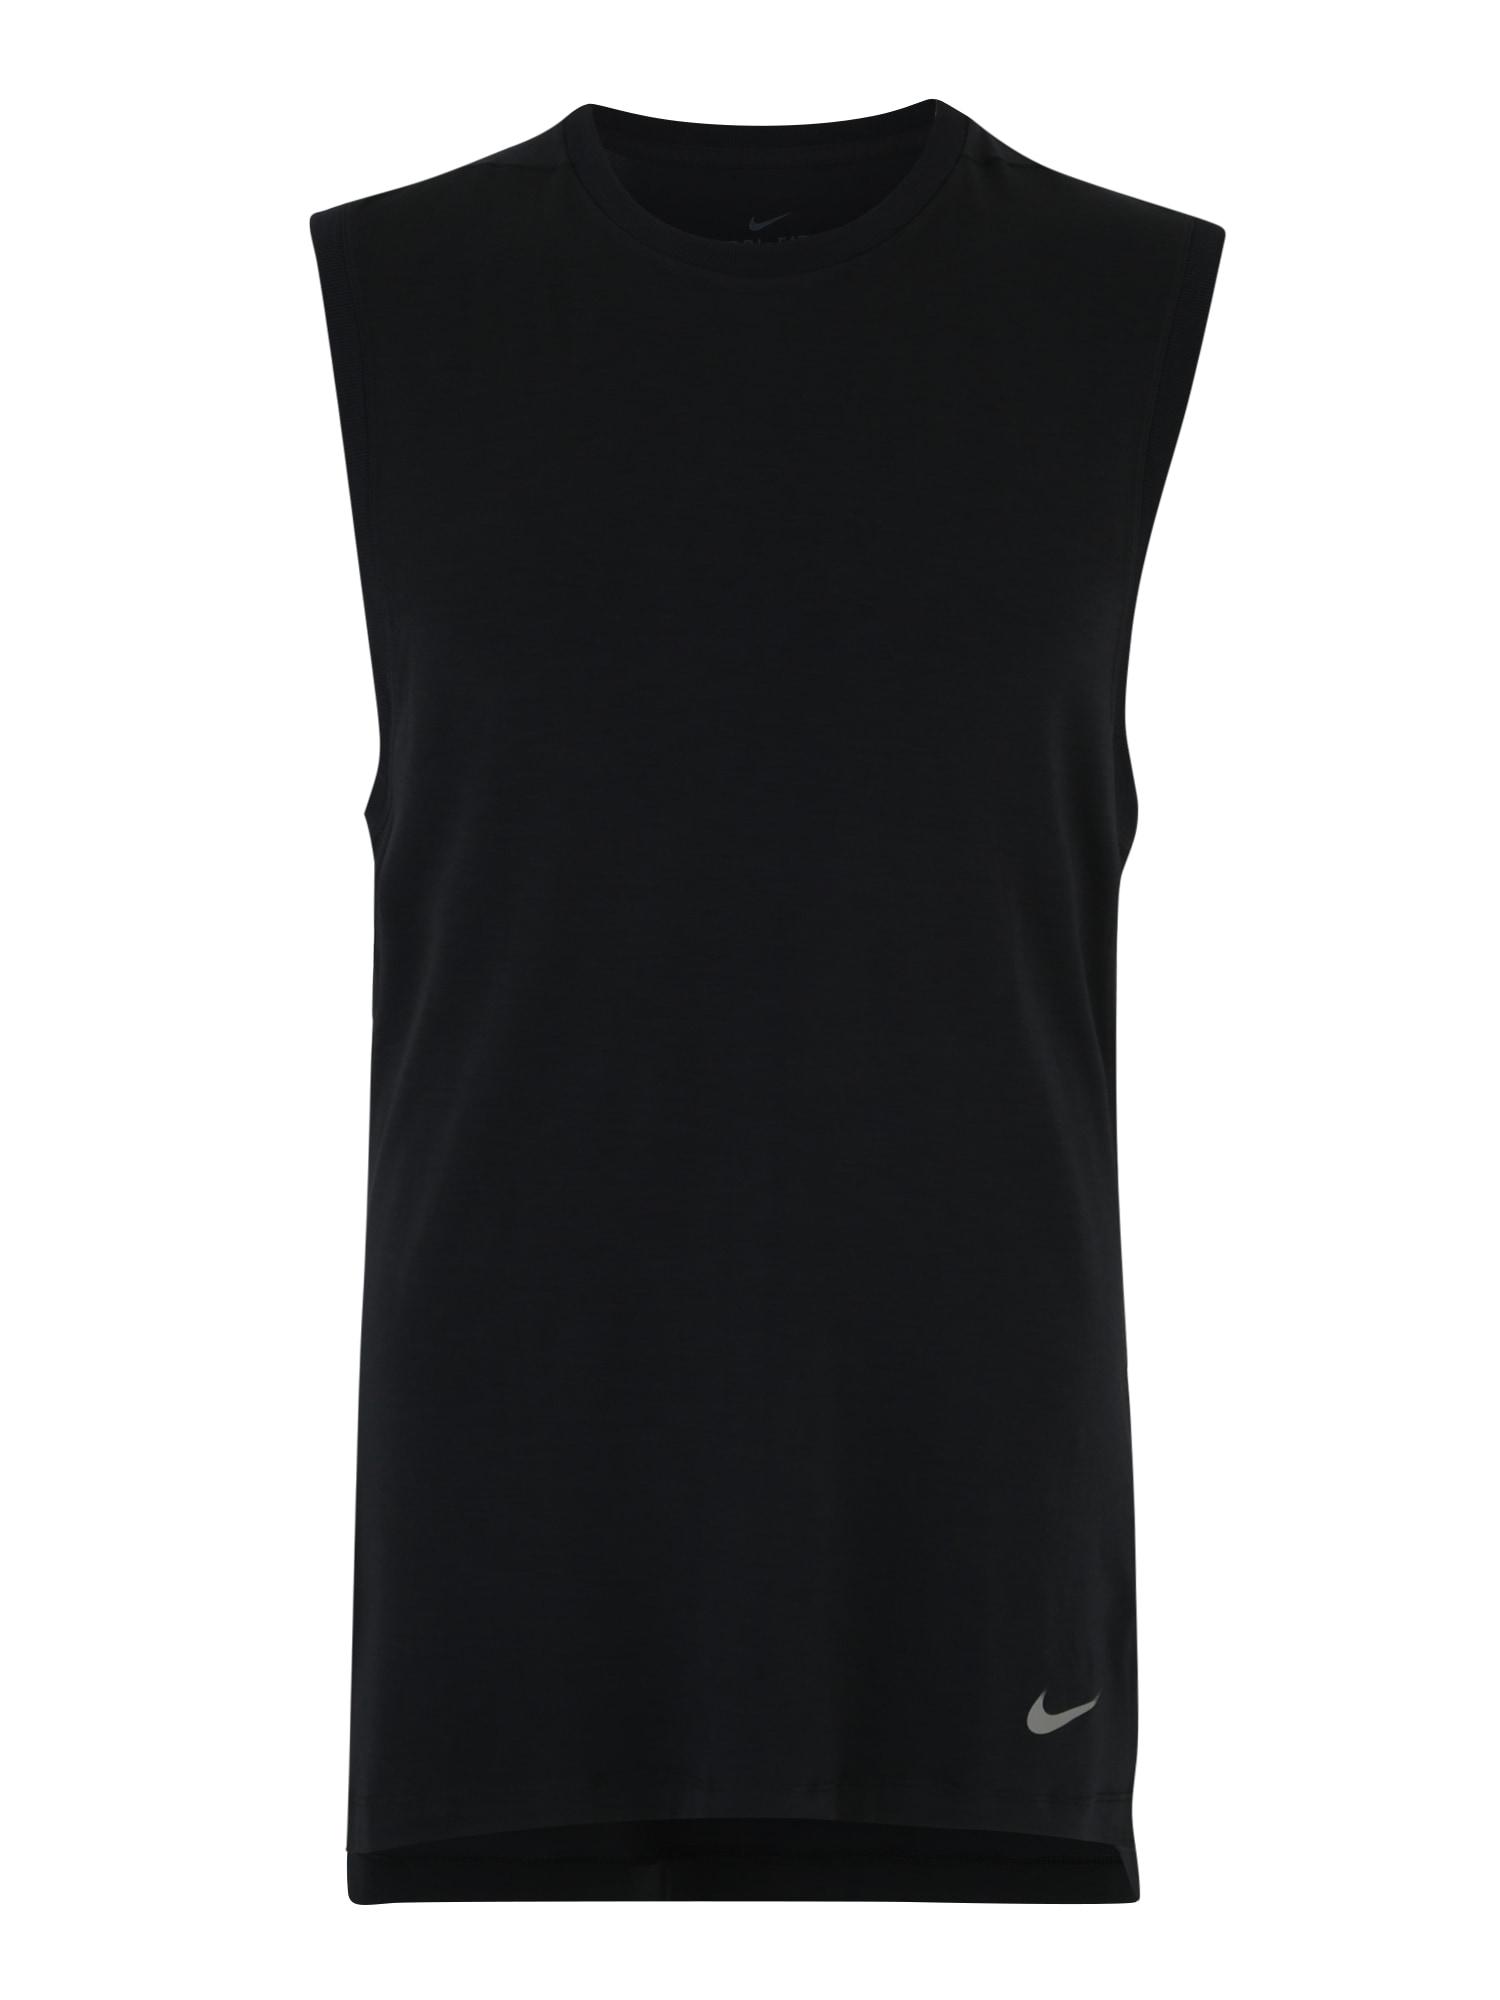 Funkční tričko Nike Dri-FIT černá NIKE